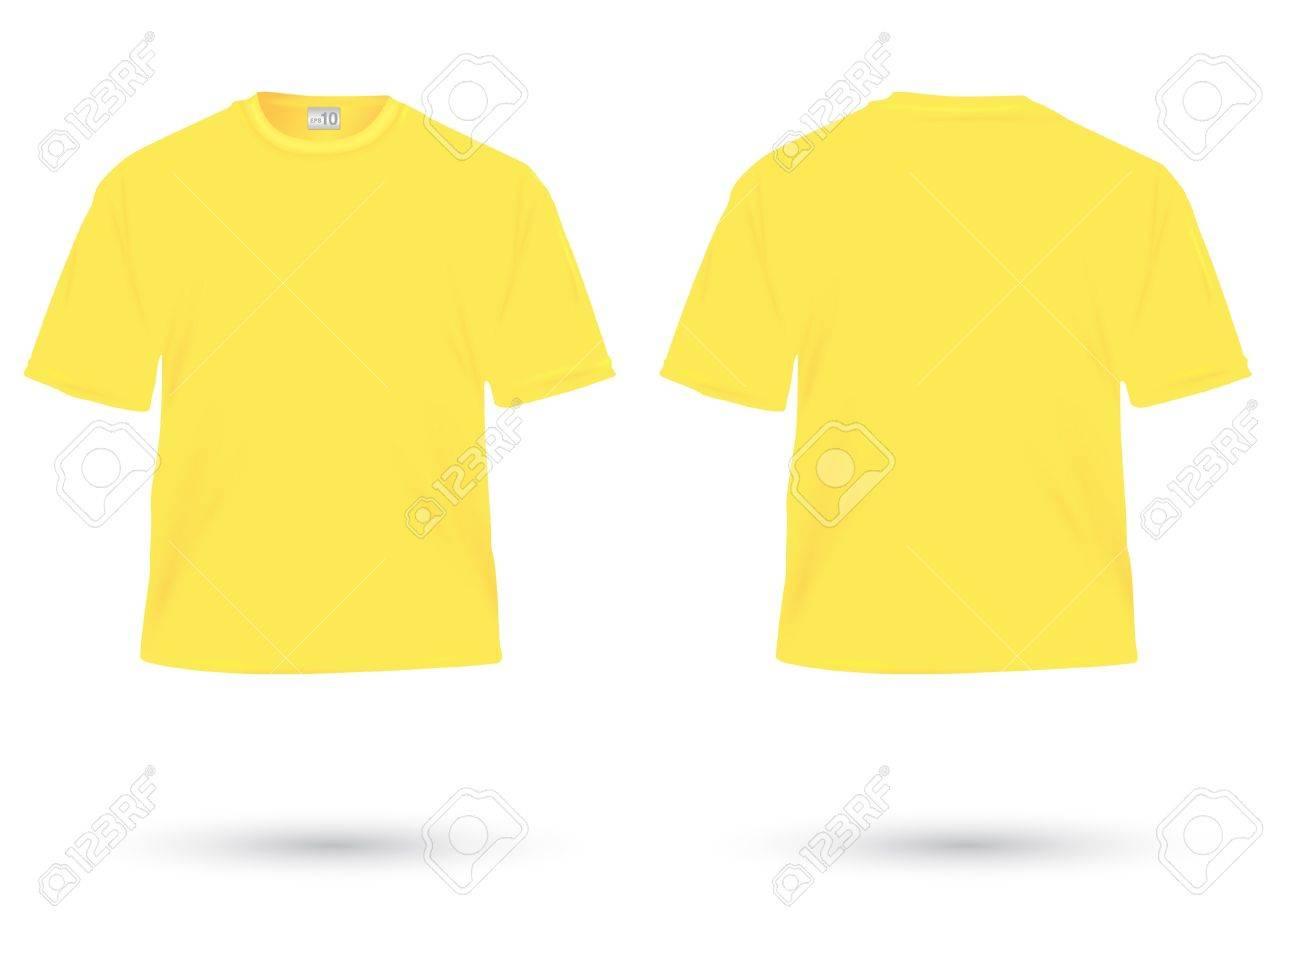 白に黄色の T シャツ イラストのイラスト素材ベクタ Image 20984883